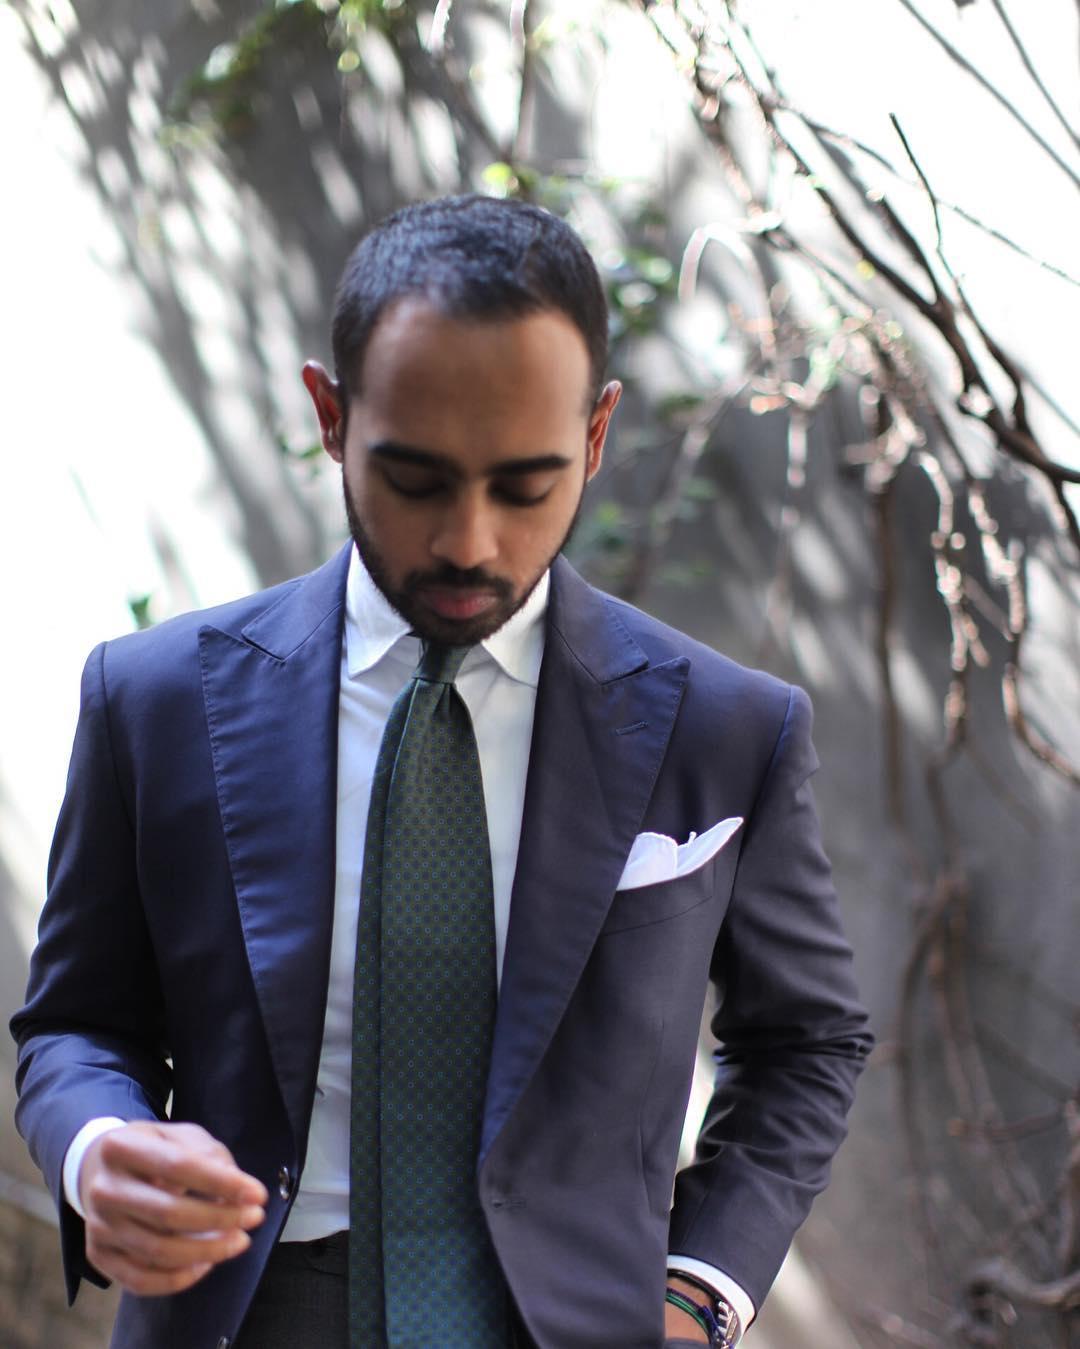 conception adroite regarder meilleur pas cher Faut-il utiliser la boucle de sa cravate ? • Menswear Corner